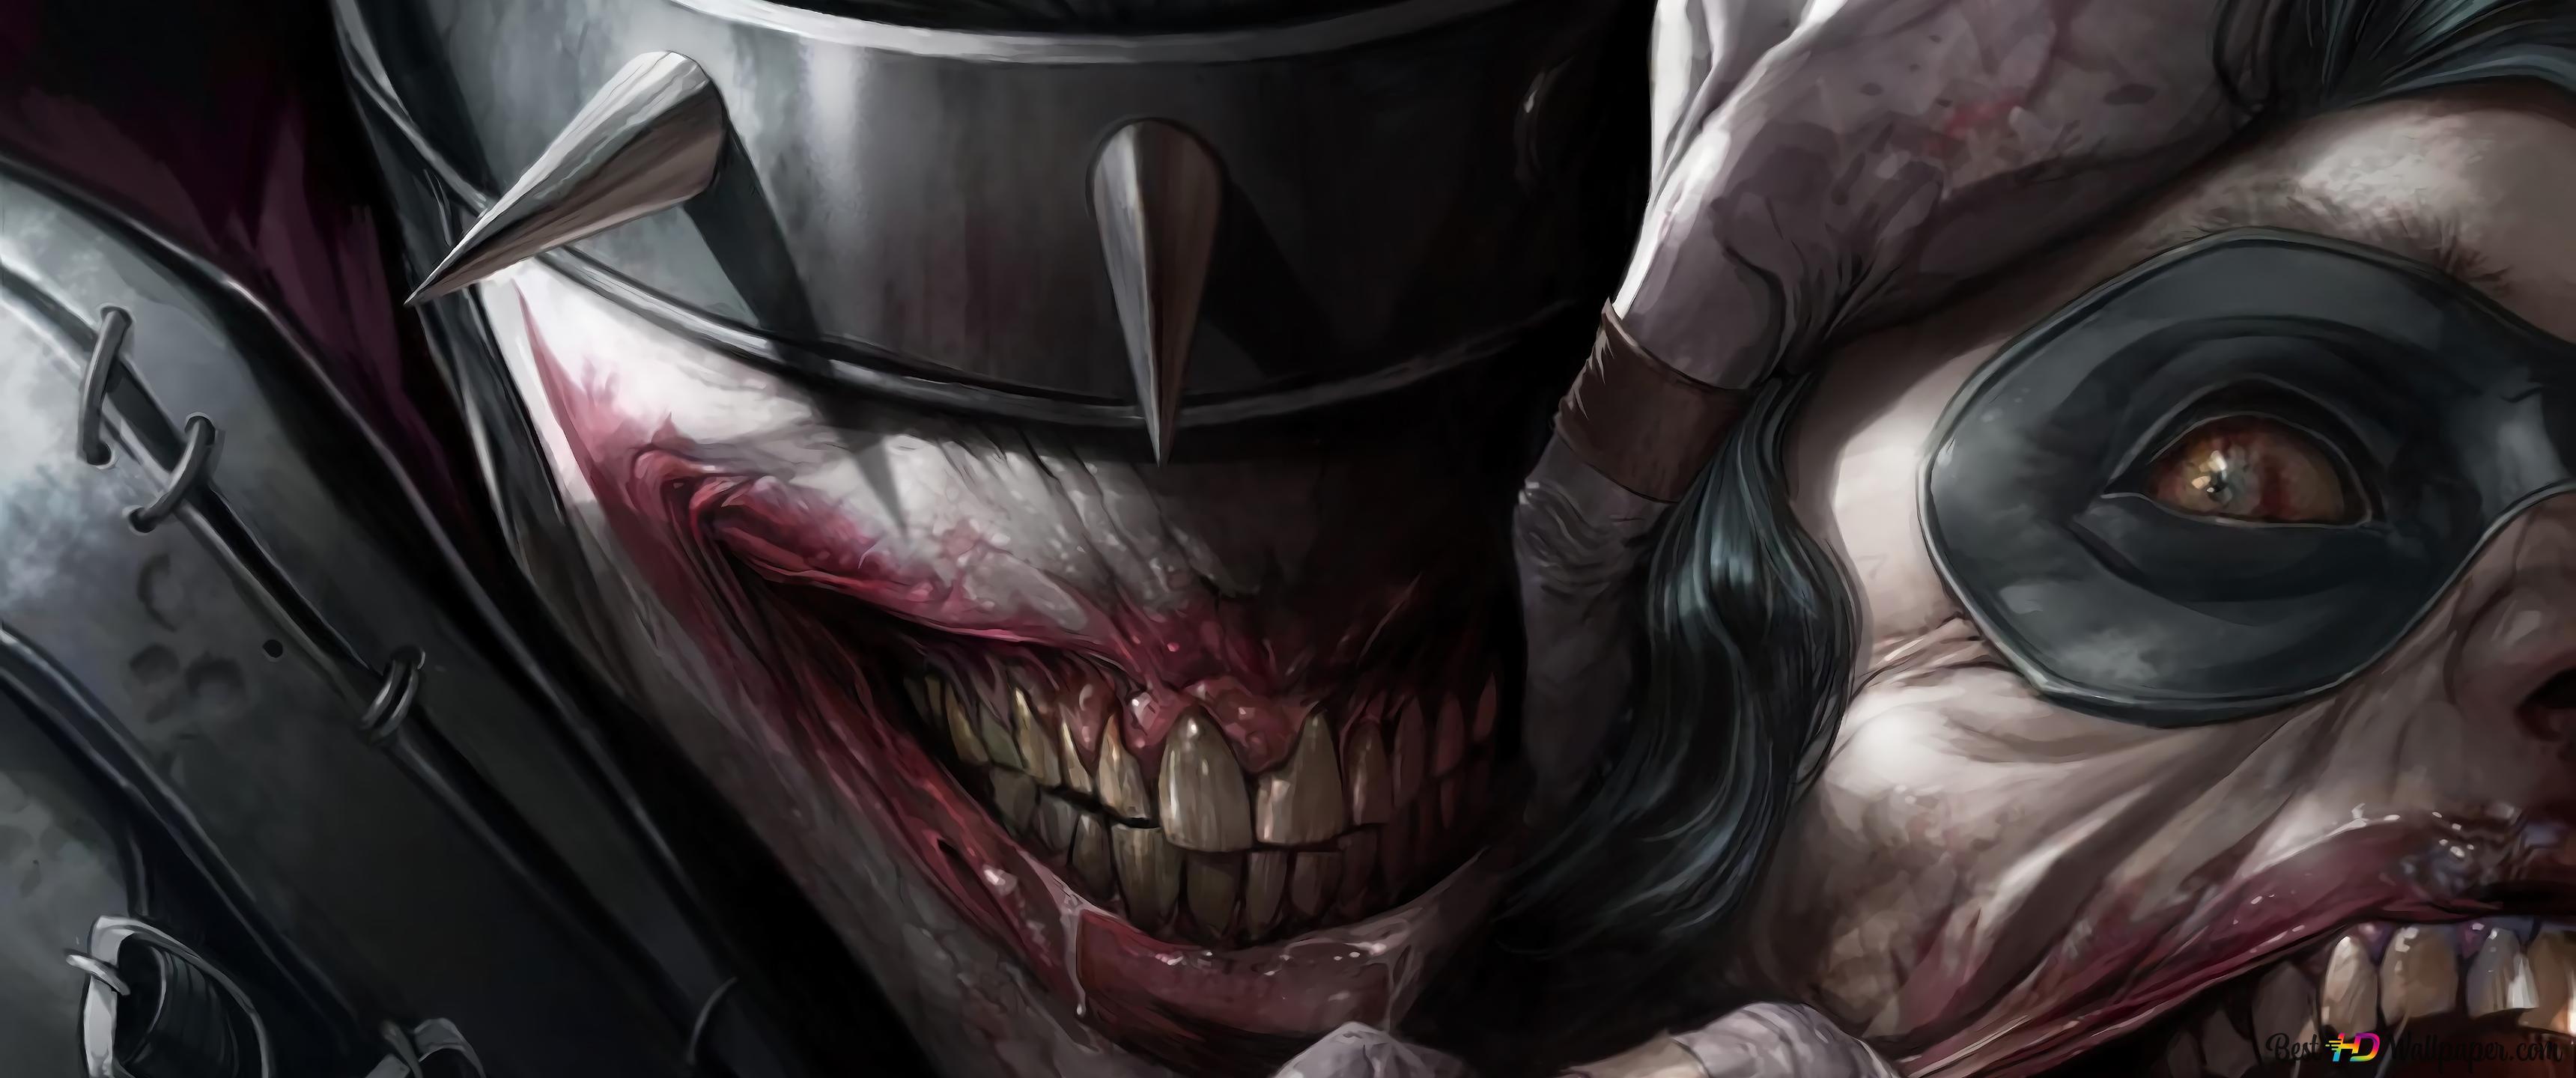 Descargar Fondo De Pantalla Batman Que Ríe Dc Comics Hd